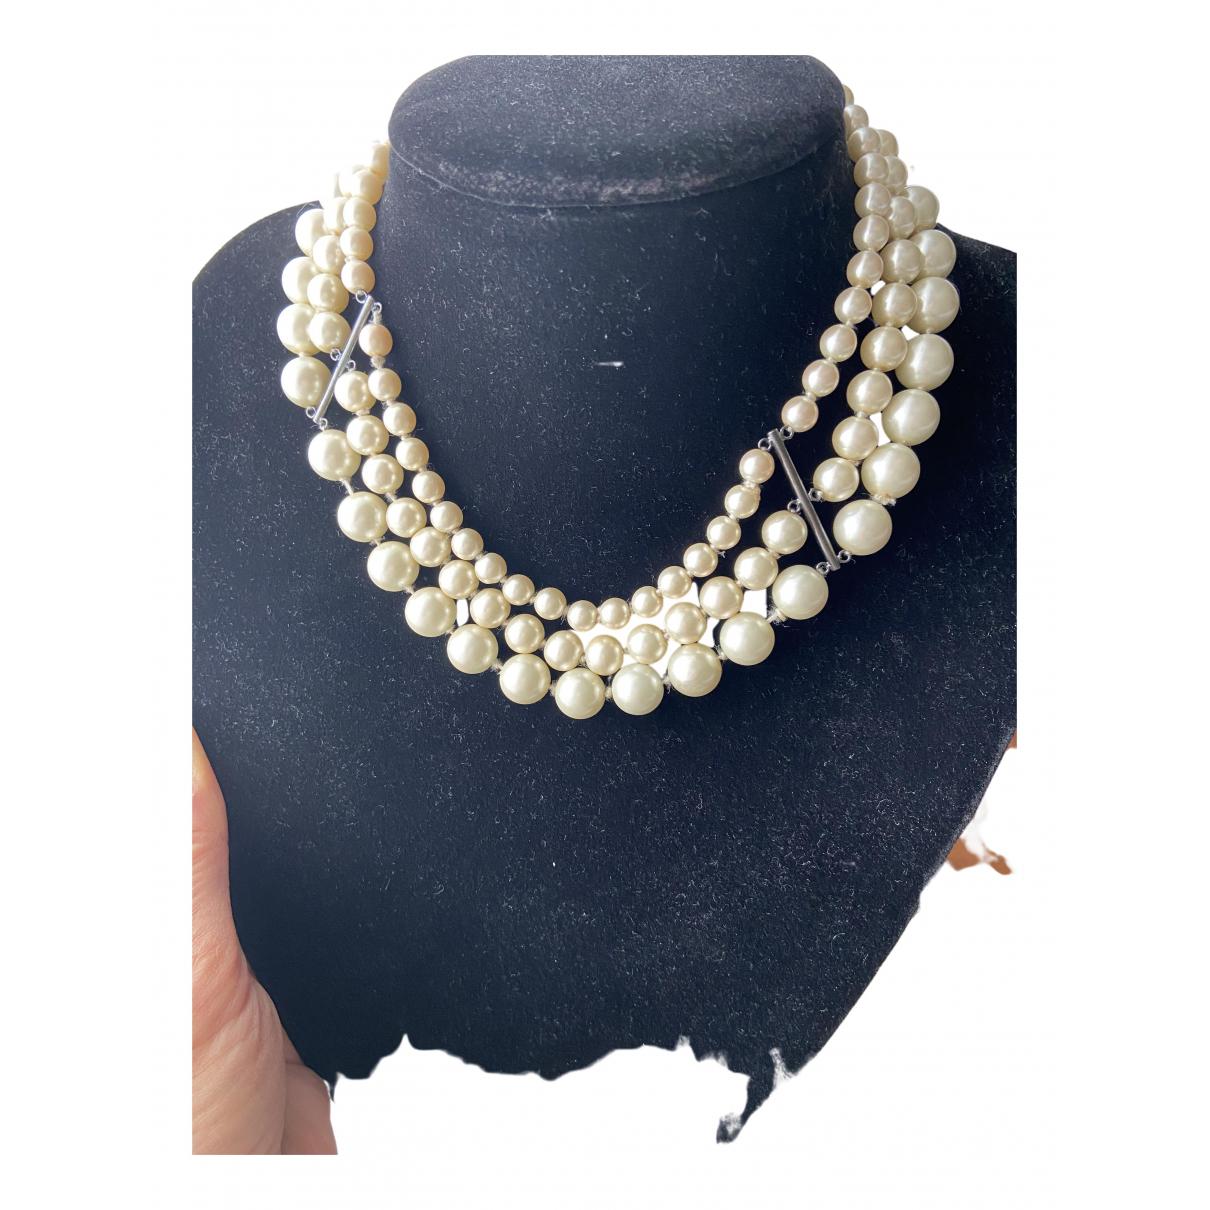 Hoss Intropia - Collier   pour femme en perles - dore